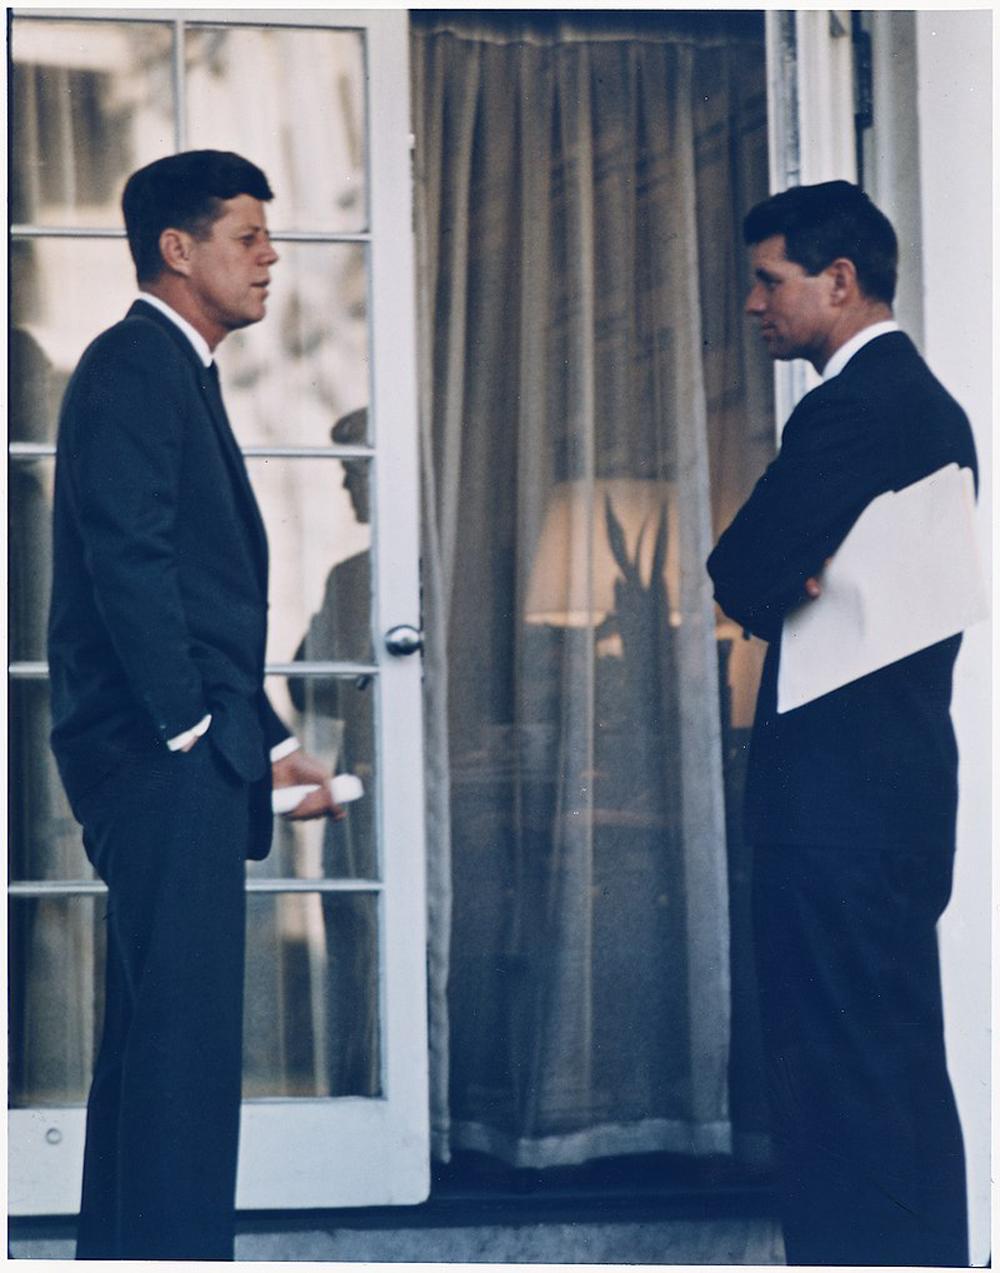 Президент Кеннеди с братом Робертом, 1963 год.